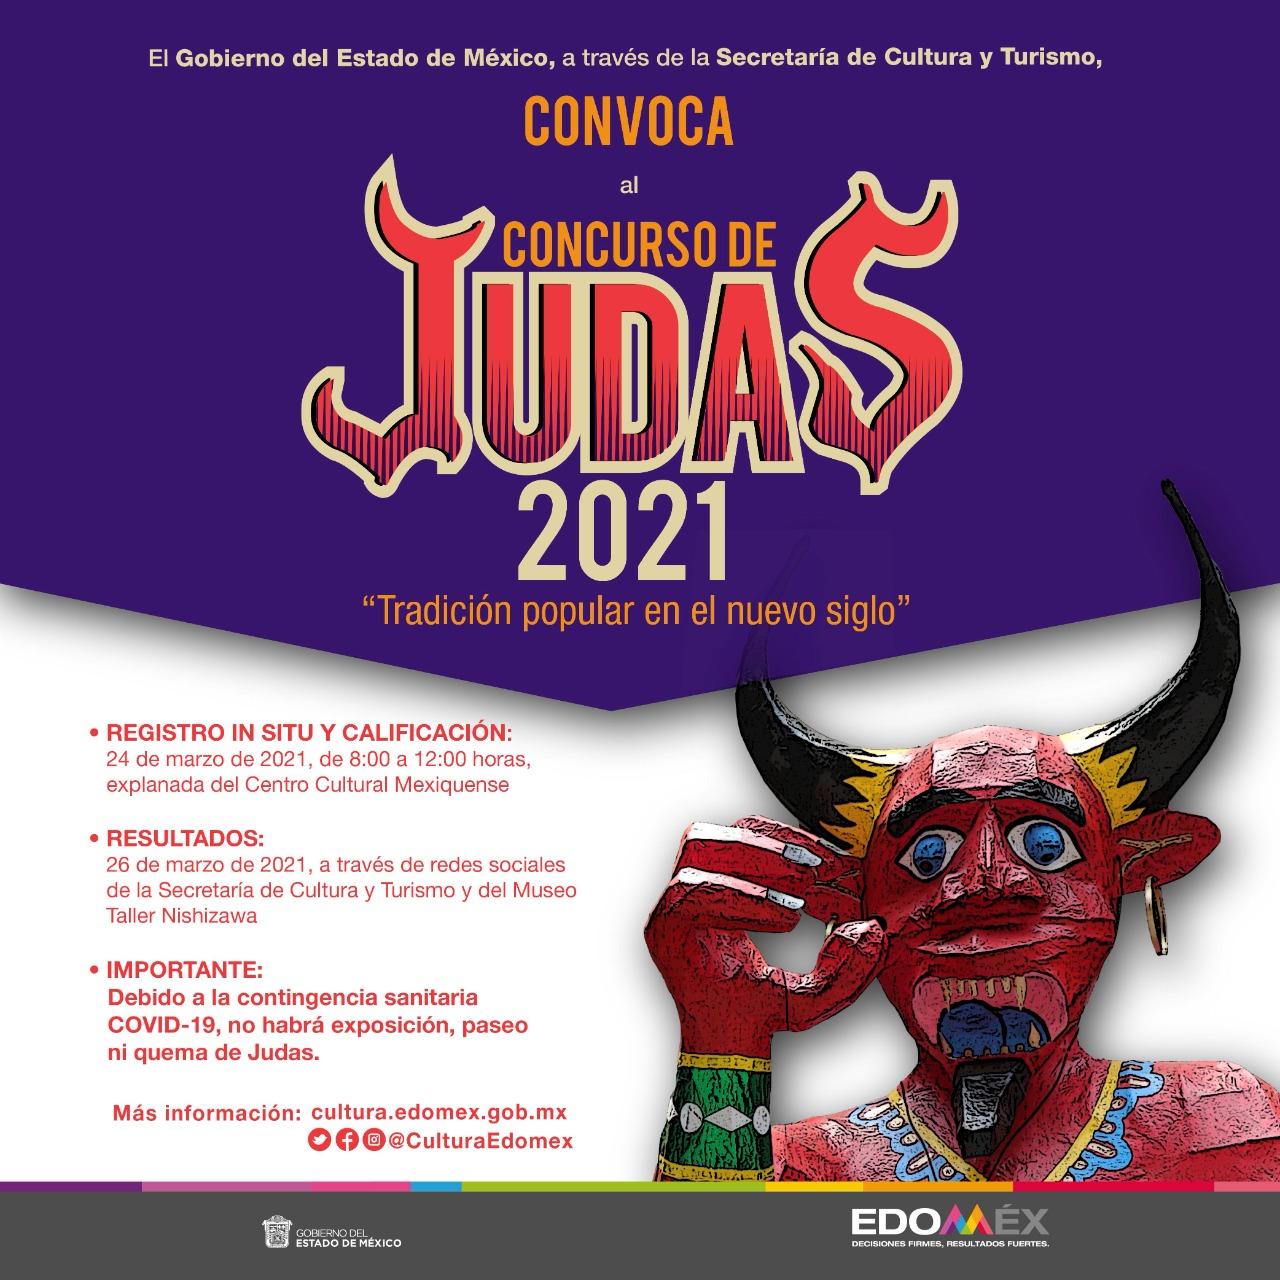 Convocatoria Judas 2021